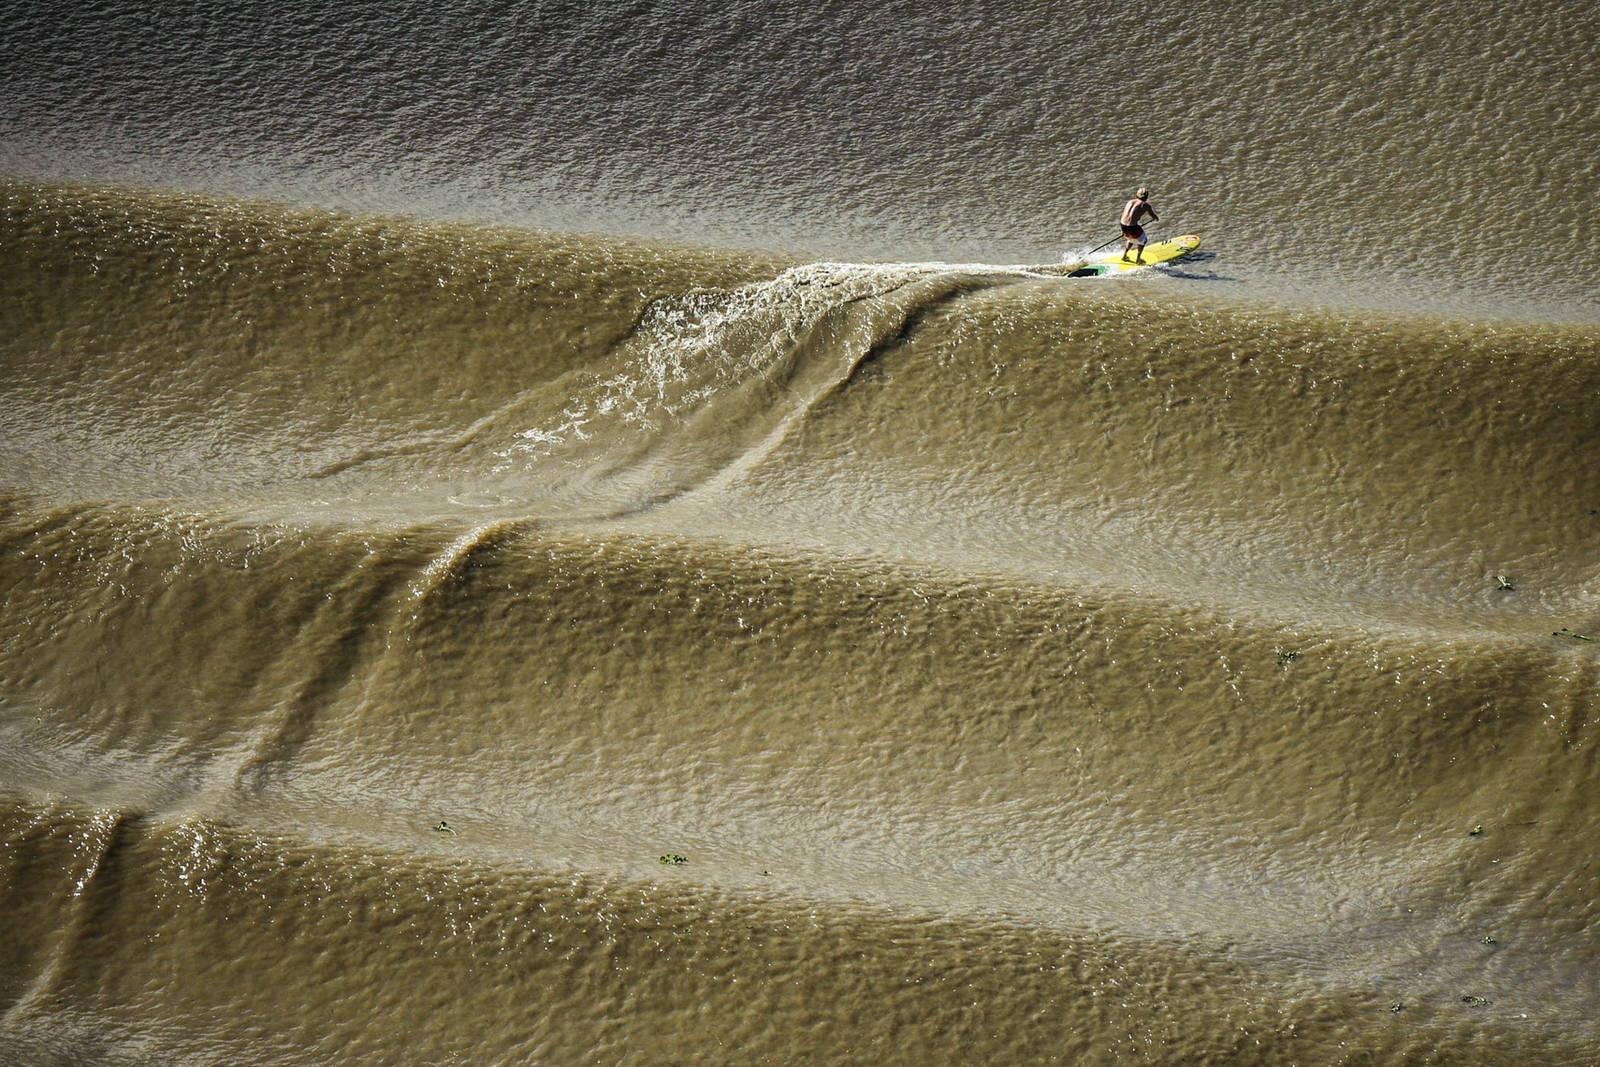 Vannmann Robby Naish får seg en særdeles lang tur på SUP-brettet i Amazonas-bølgen Pororoca. Bilde: Red Bull